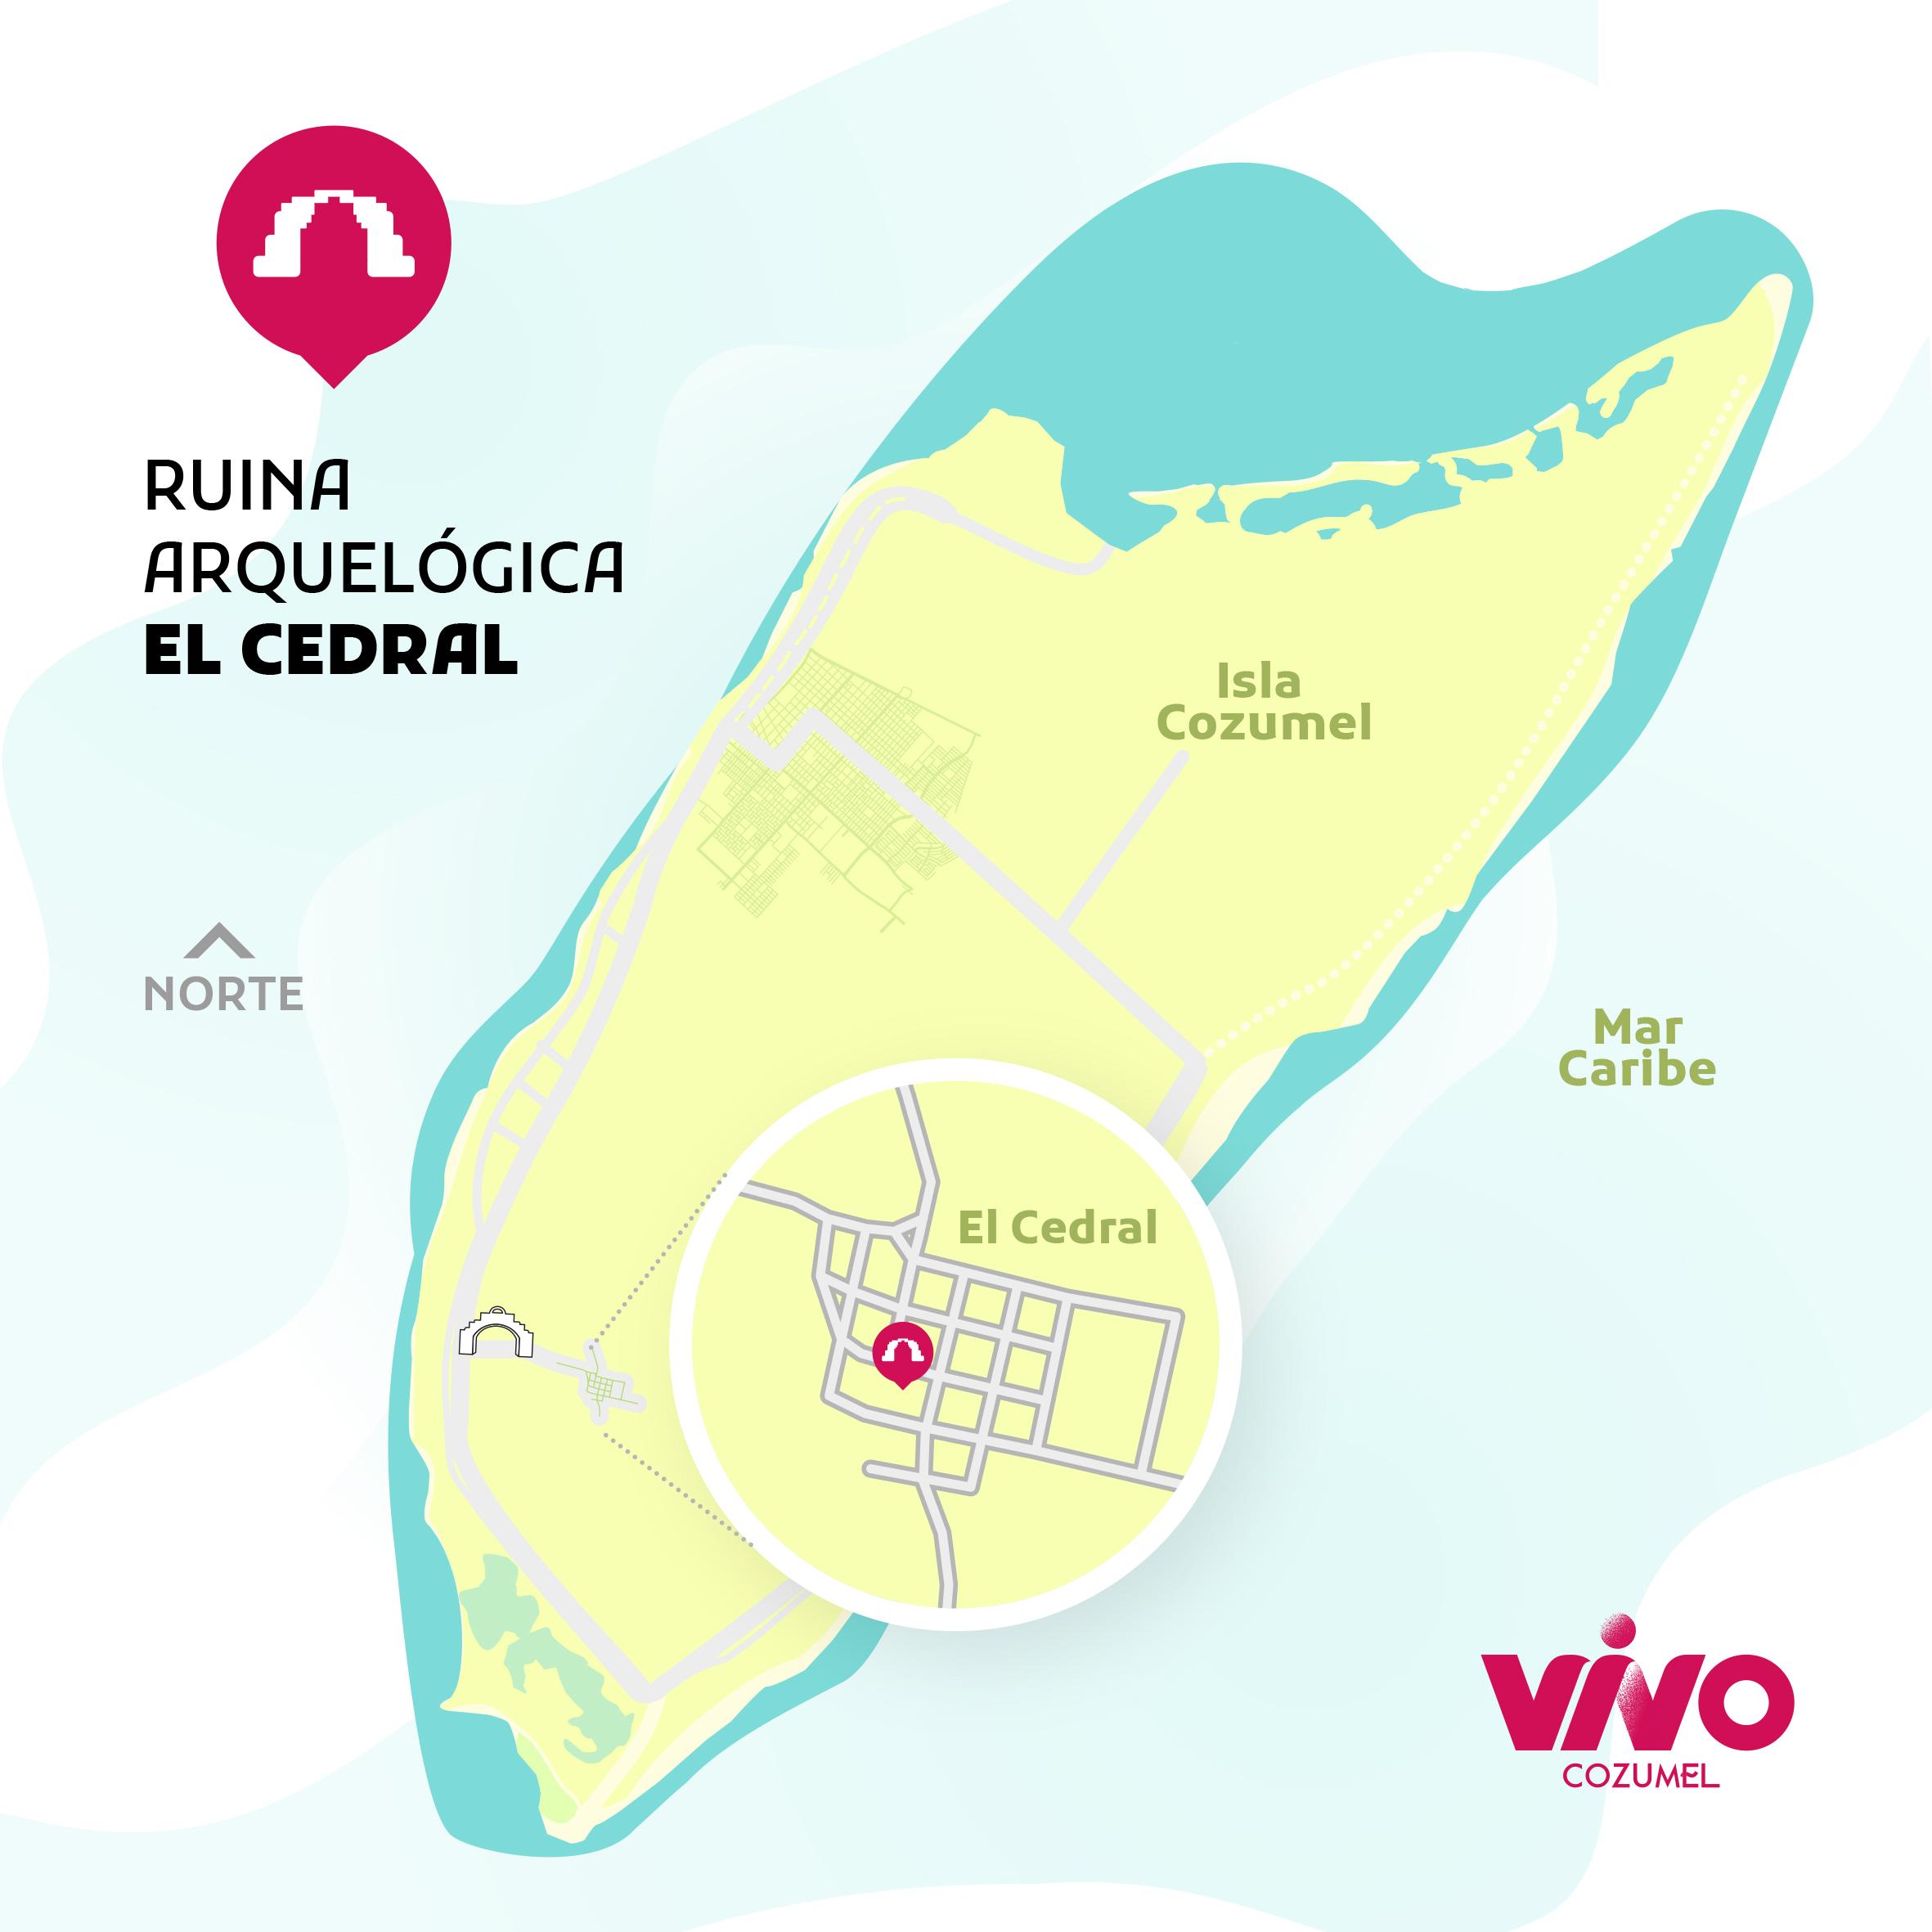 Mapa ubicación de El Cedral